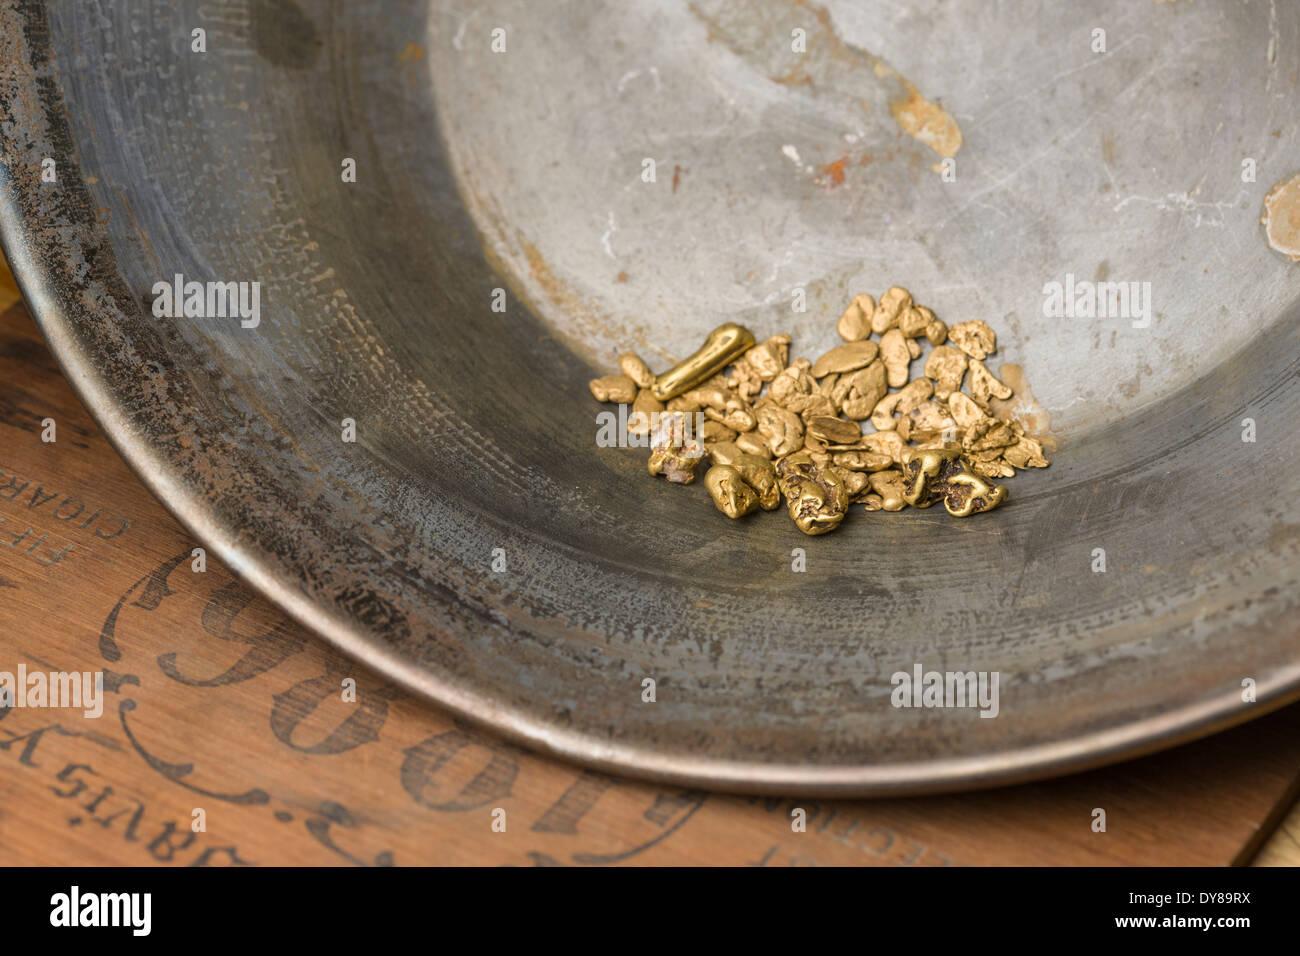 Nahaufnahme von einer goldenen Pfanne mit Gold-Nuggets, Alaska Stockbild